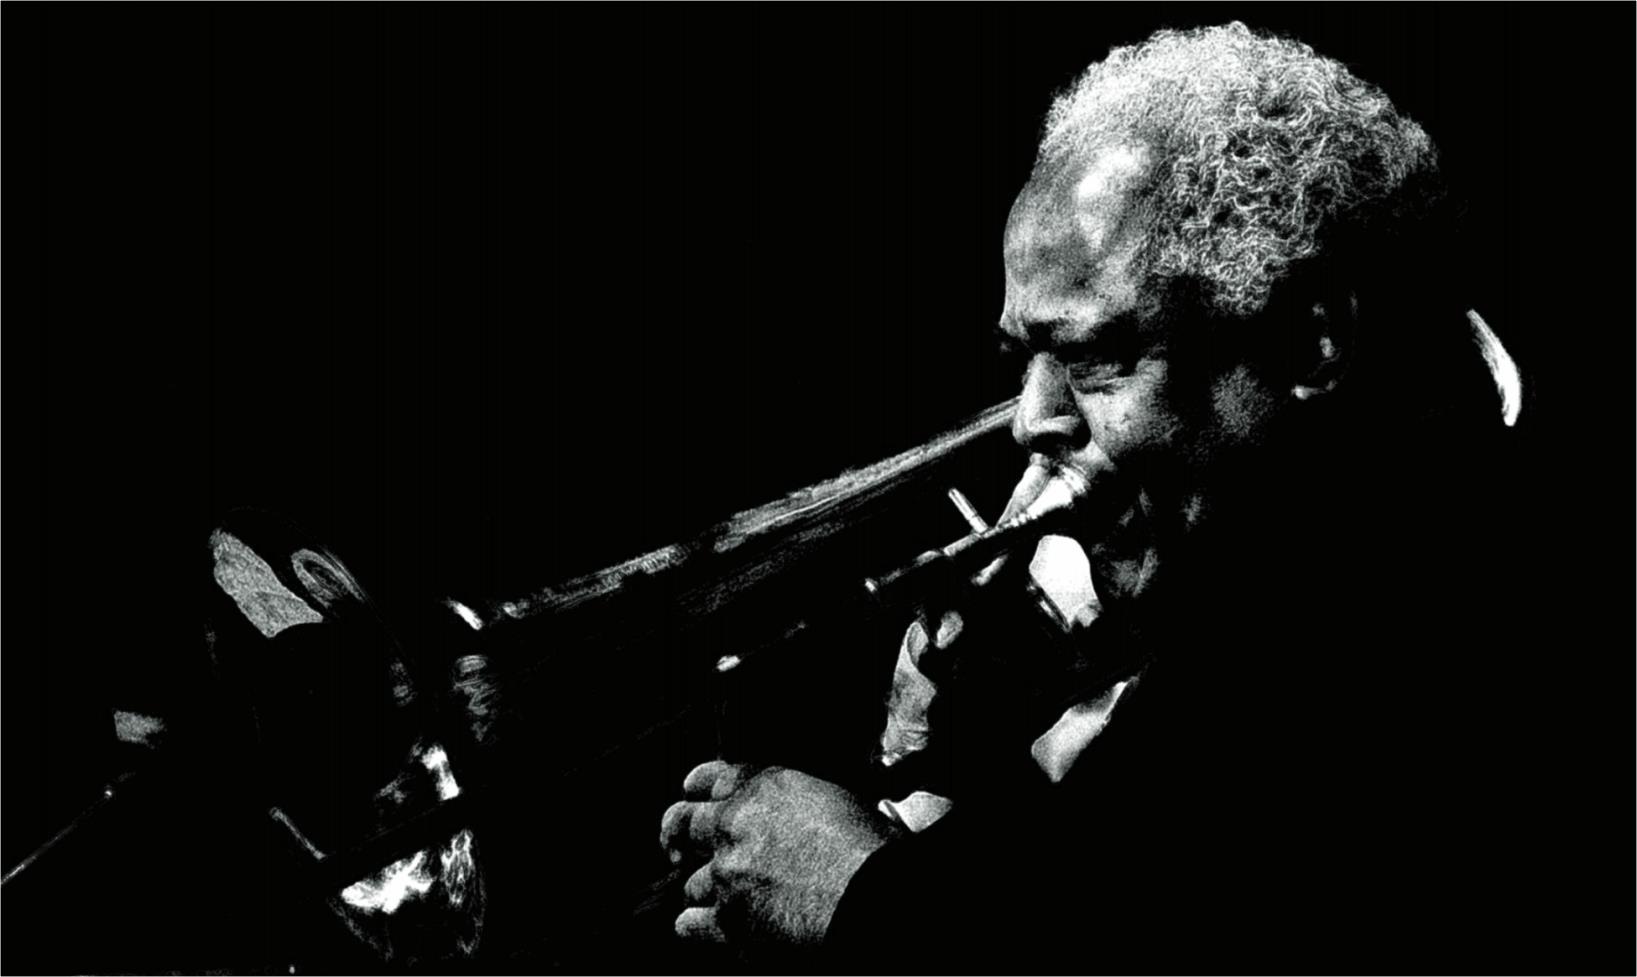 Trombonist Slide Hampton